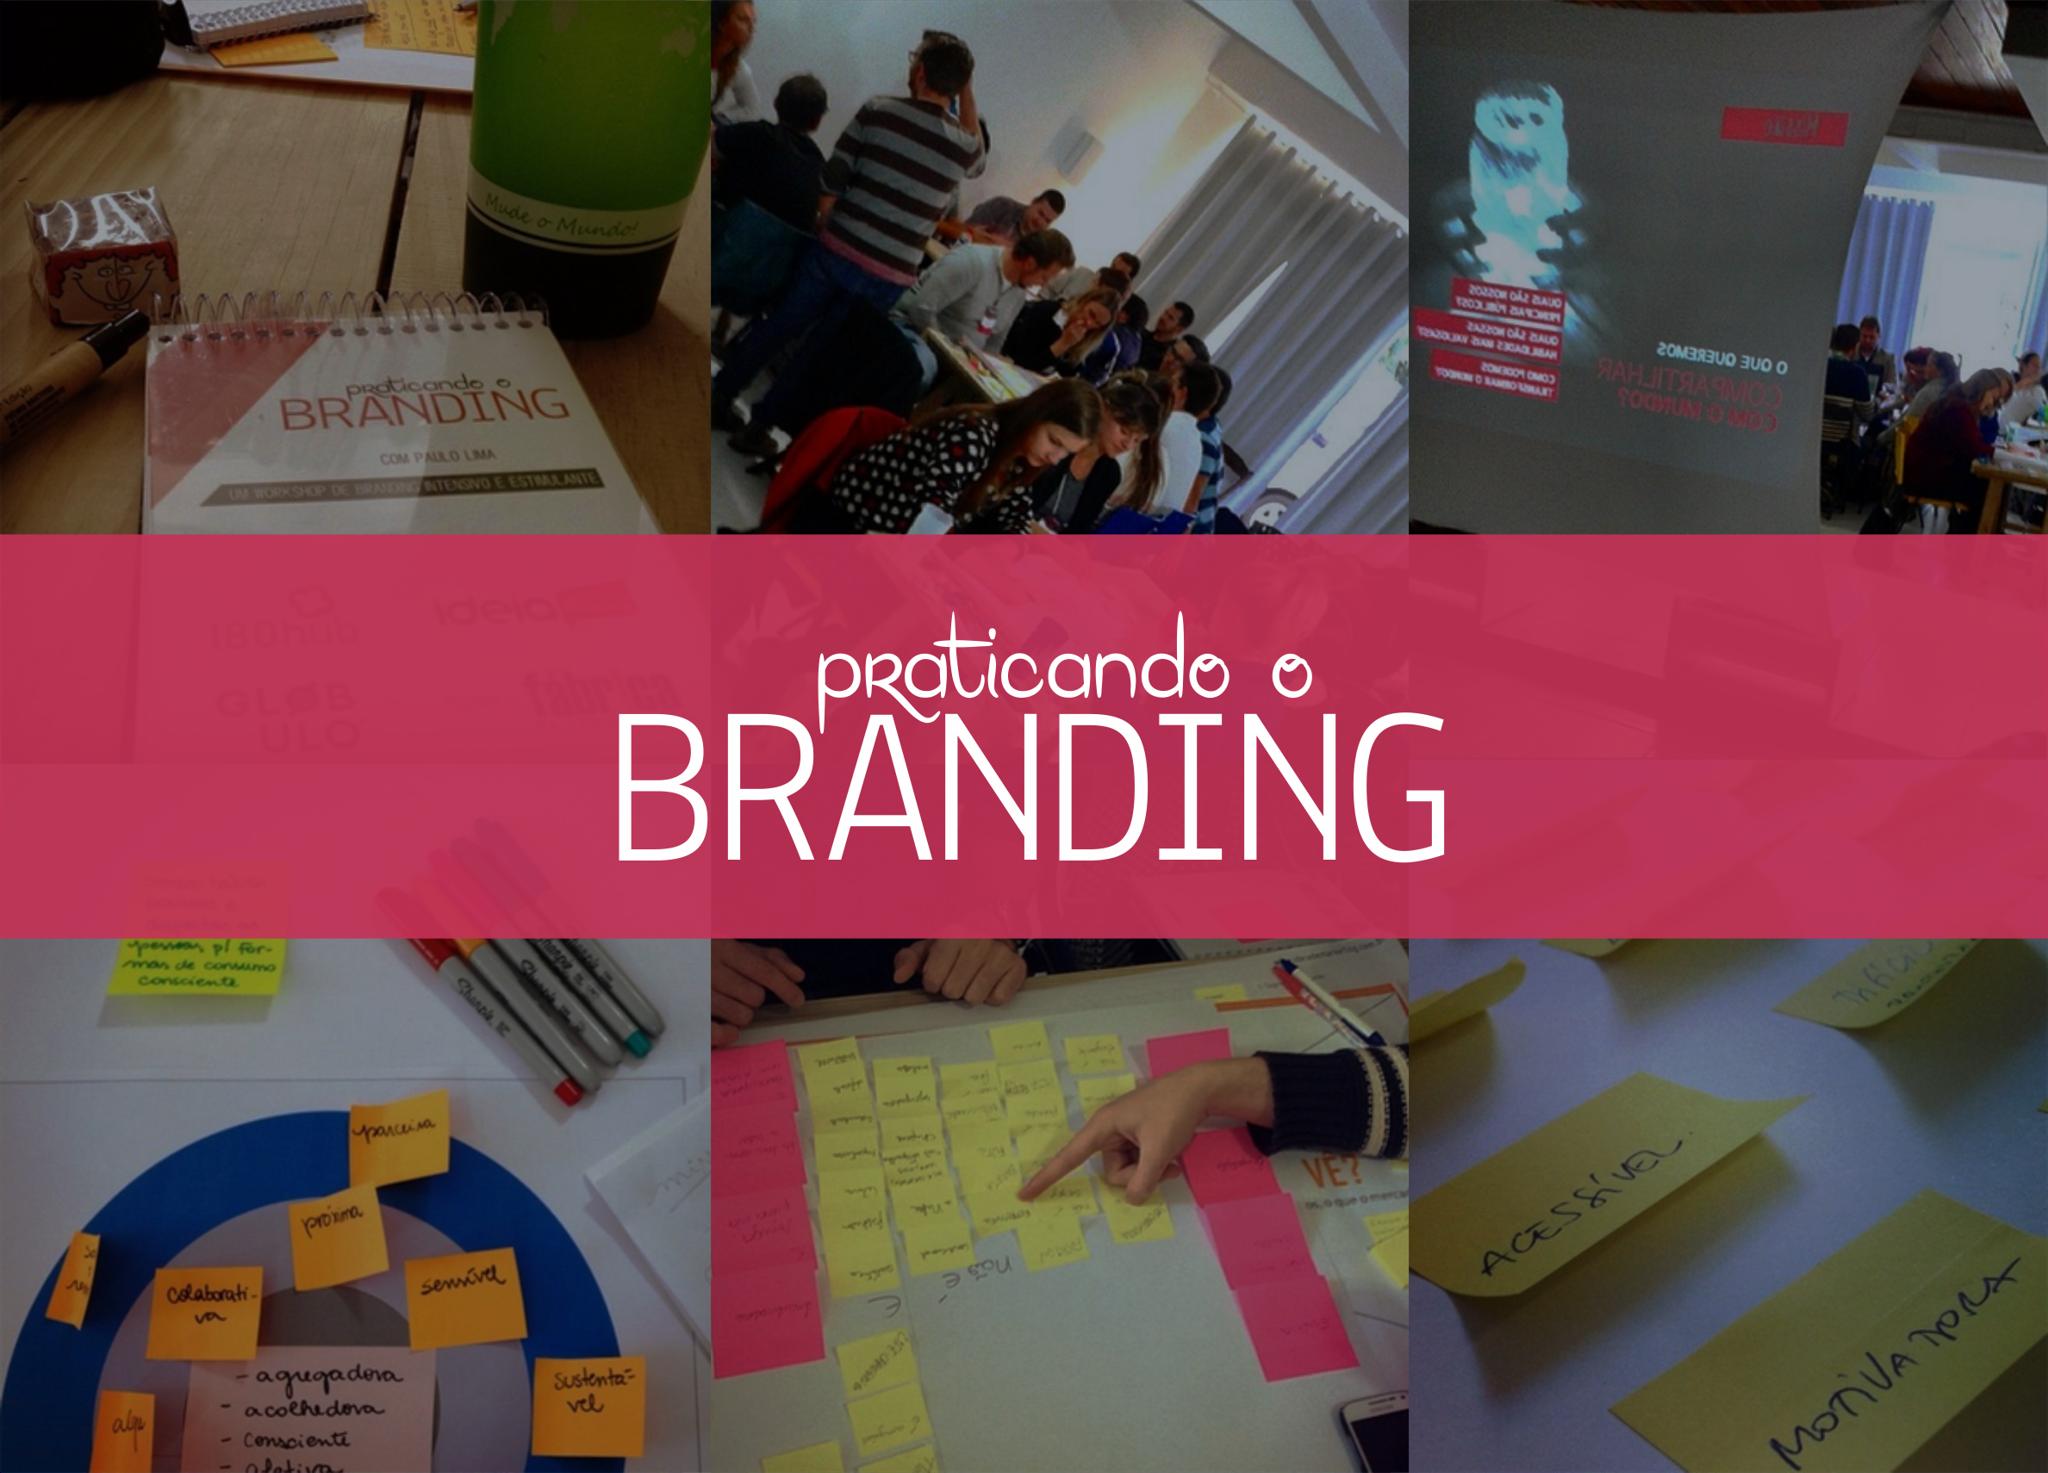 praticando o branding.png